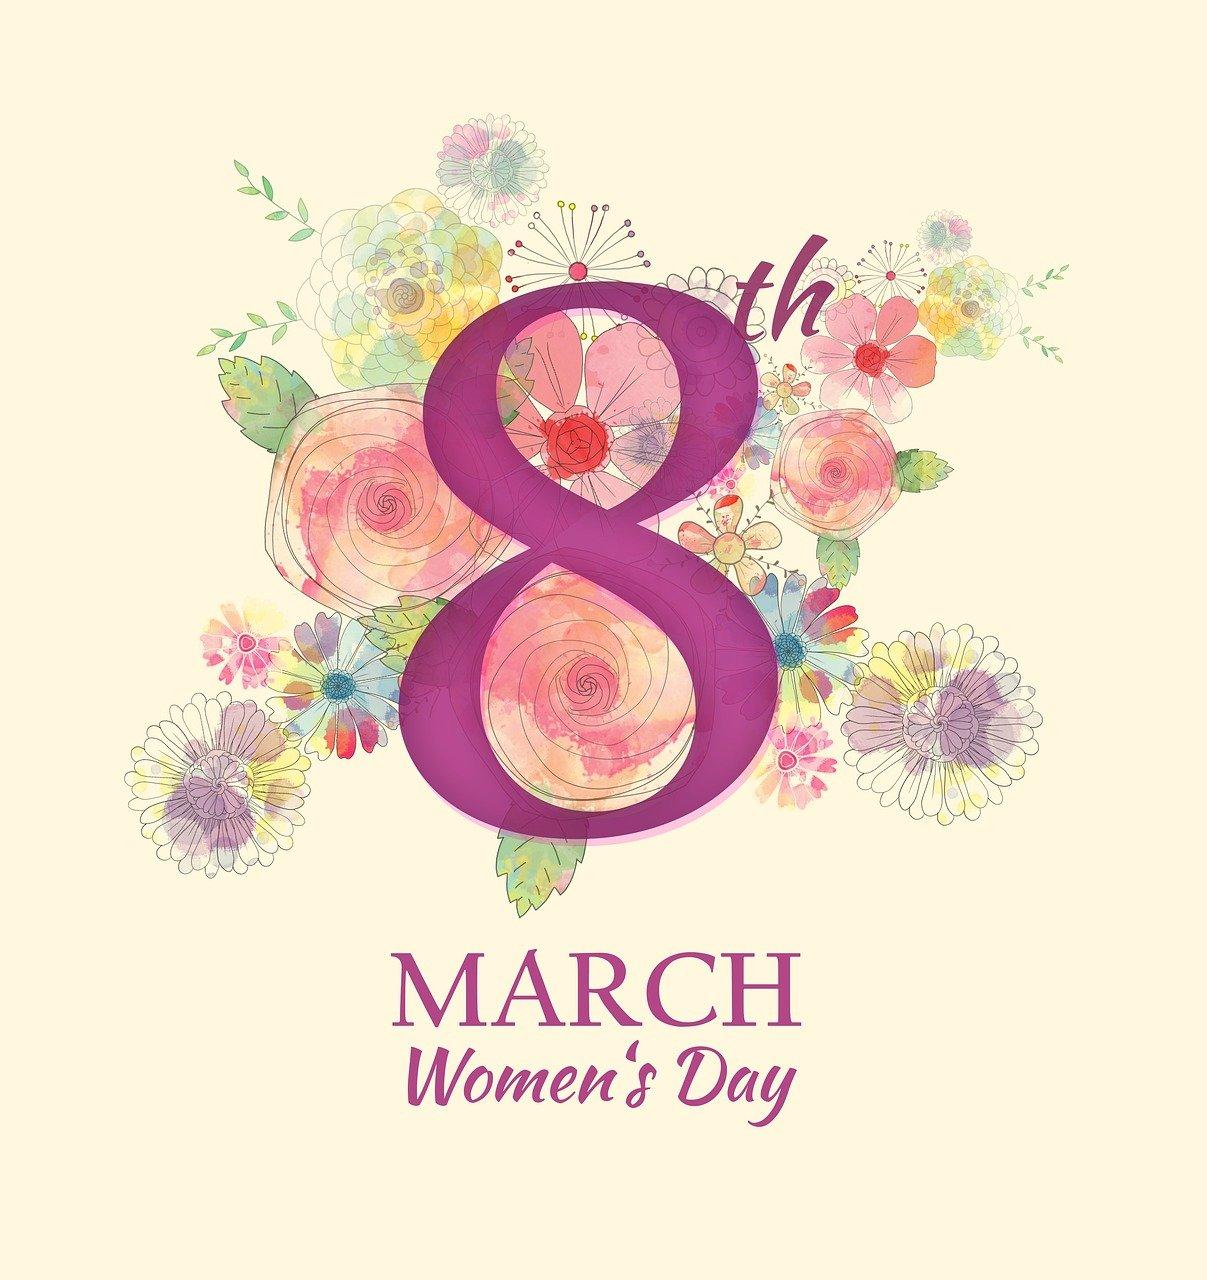 El tema del Día Internacional de la Mujer 2021 se centra en el esfuerzo de niñas y mujeres de todo el mundo por conseguir un futuro más igualitario